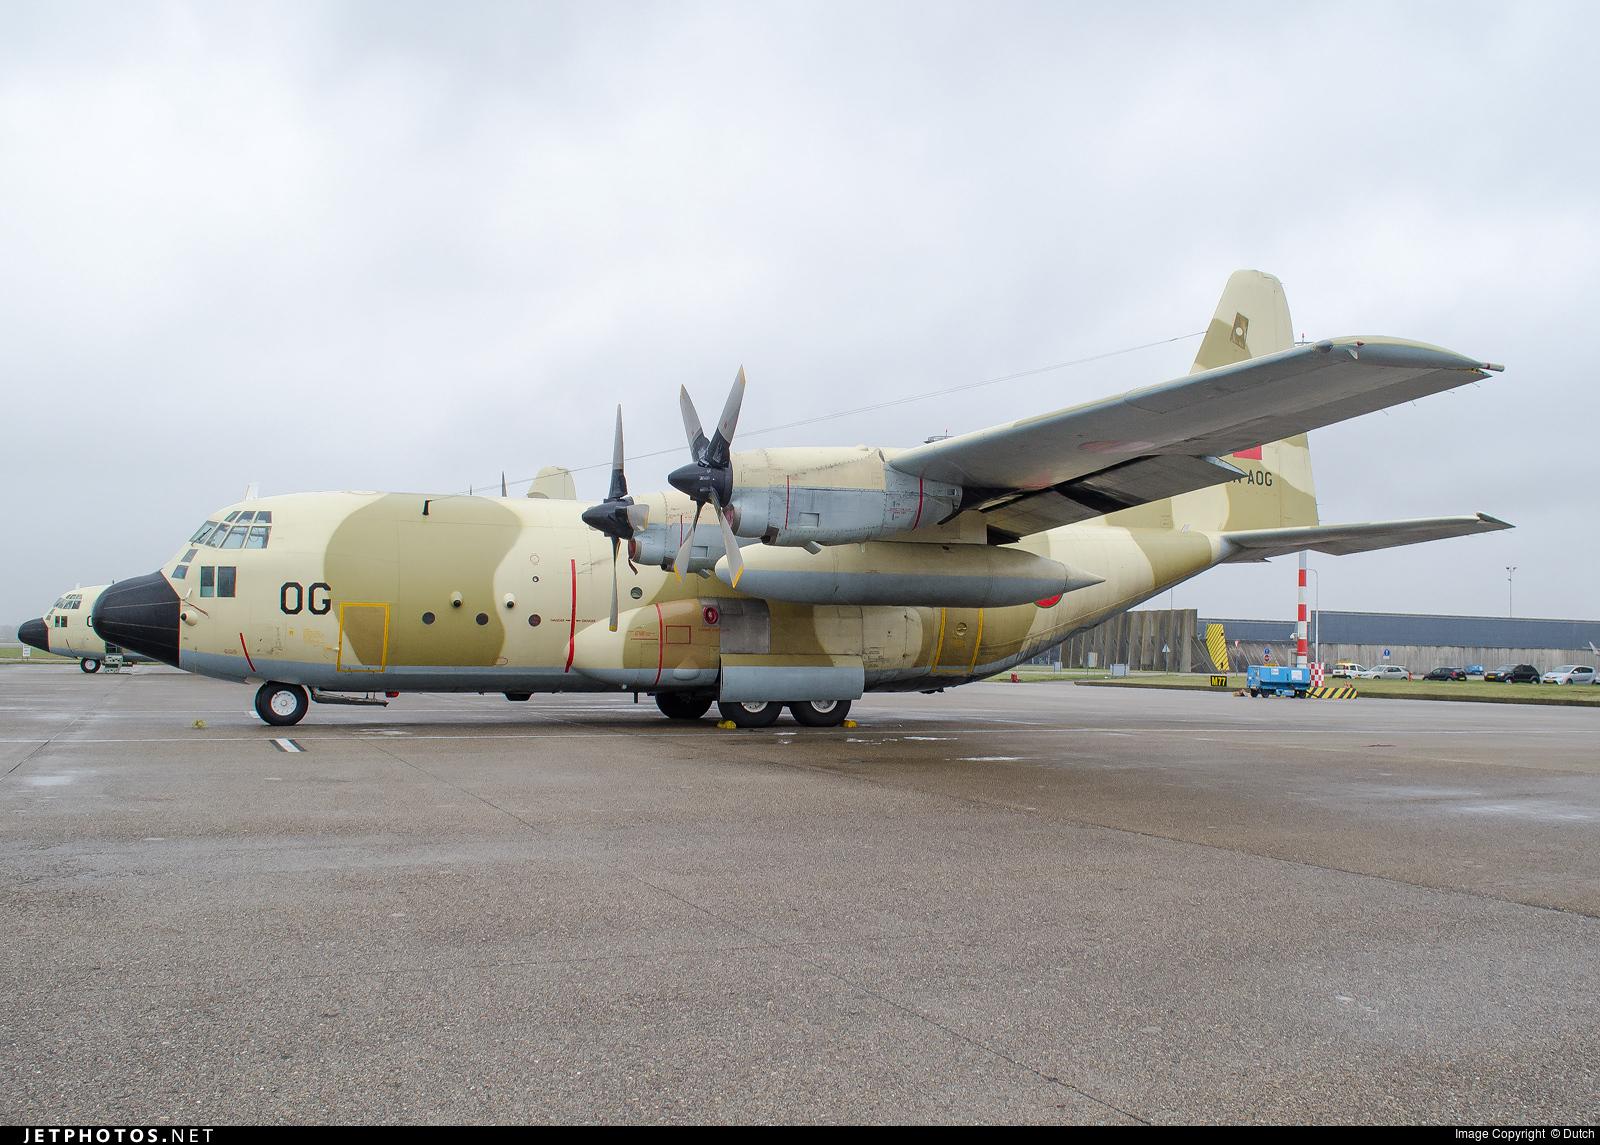 FRA: Photos d'avions de transport - Page 27 160408090002382268